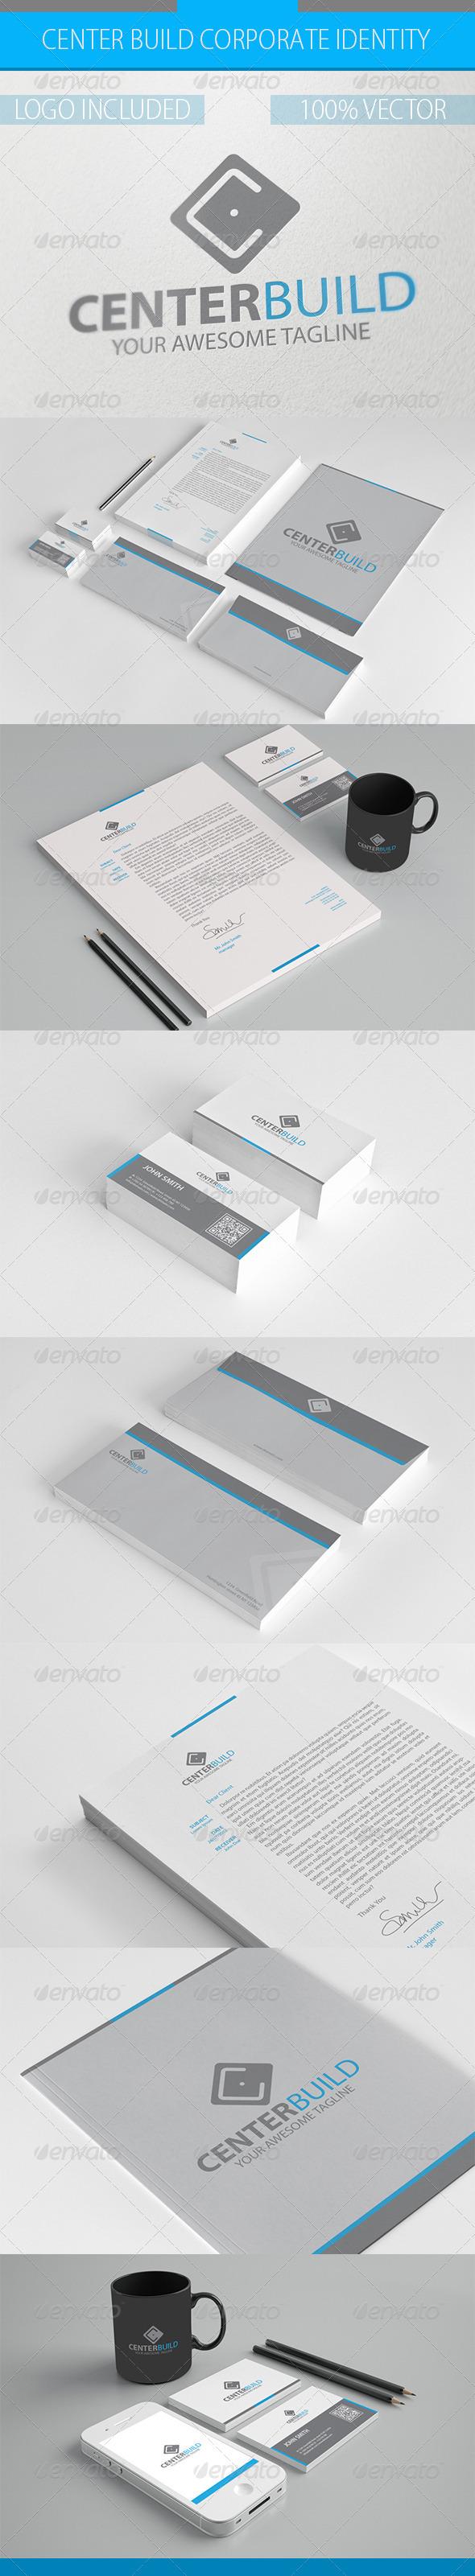 GraphicRiver Center Build Corporate Identity 3215835